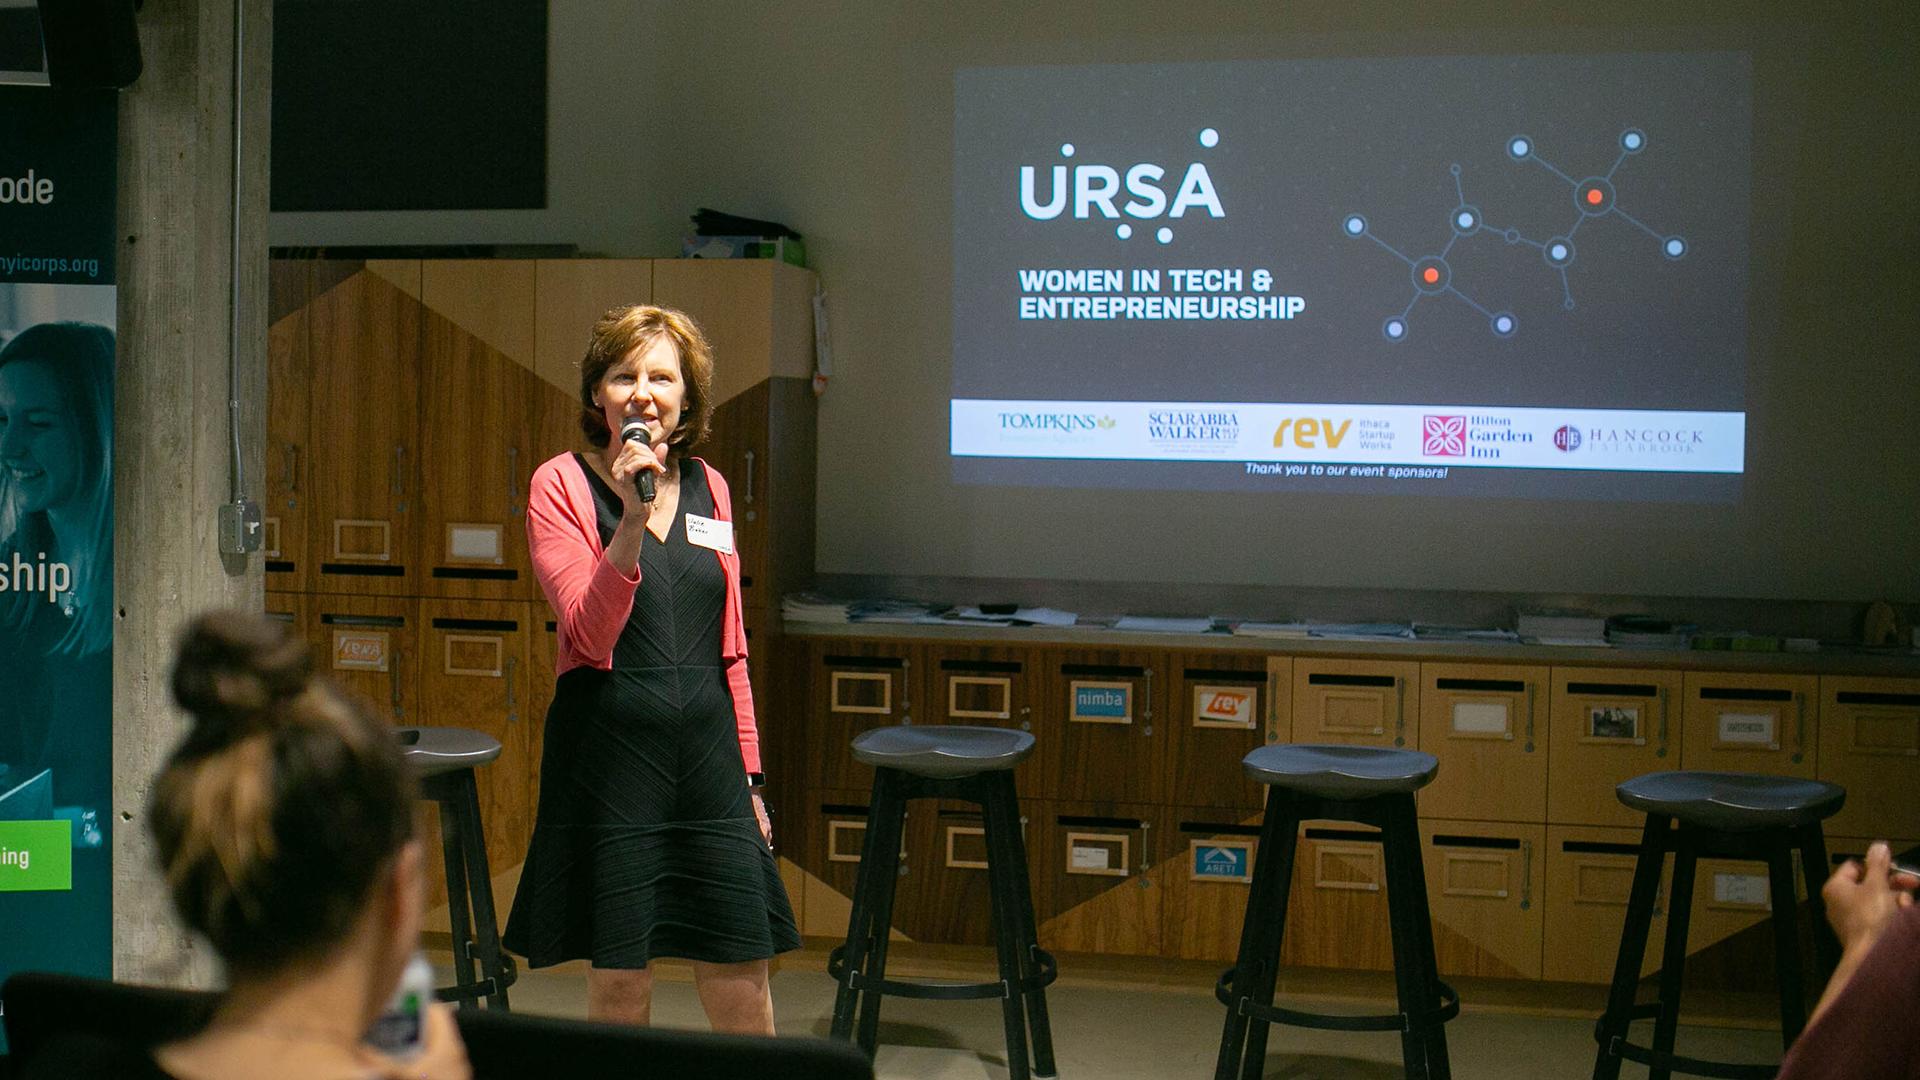 Julie Baker, Ursa Space, Rev Ithaca, Women in Tech and Entrepreneurship